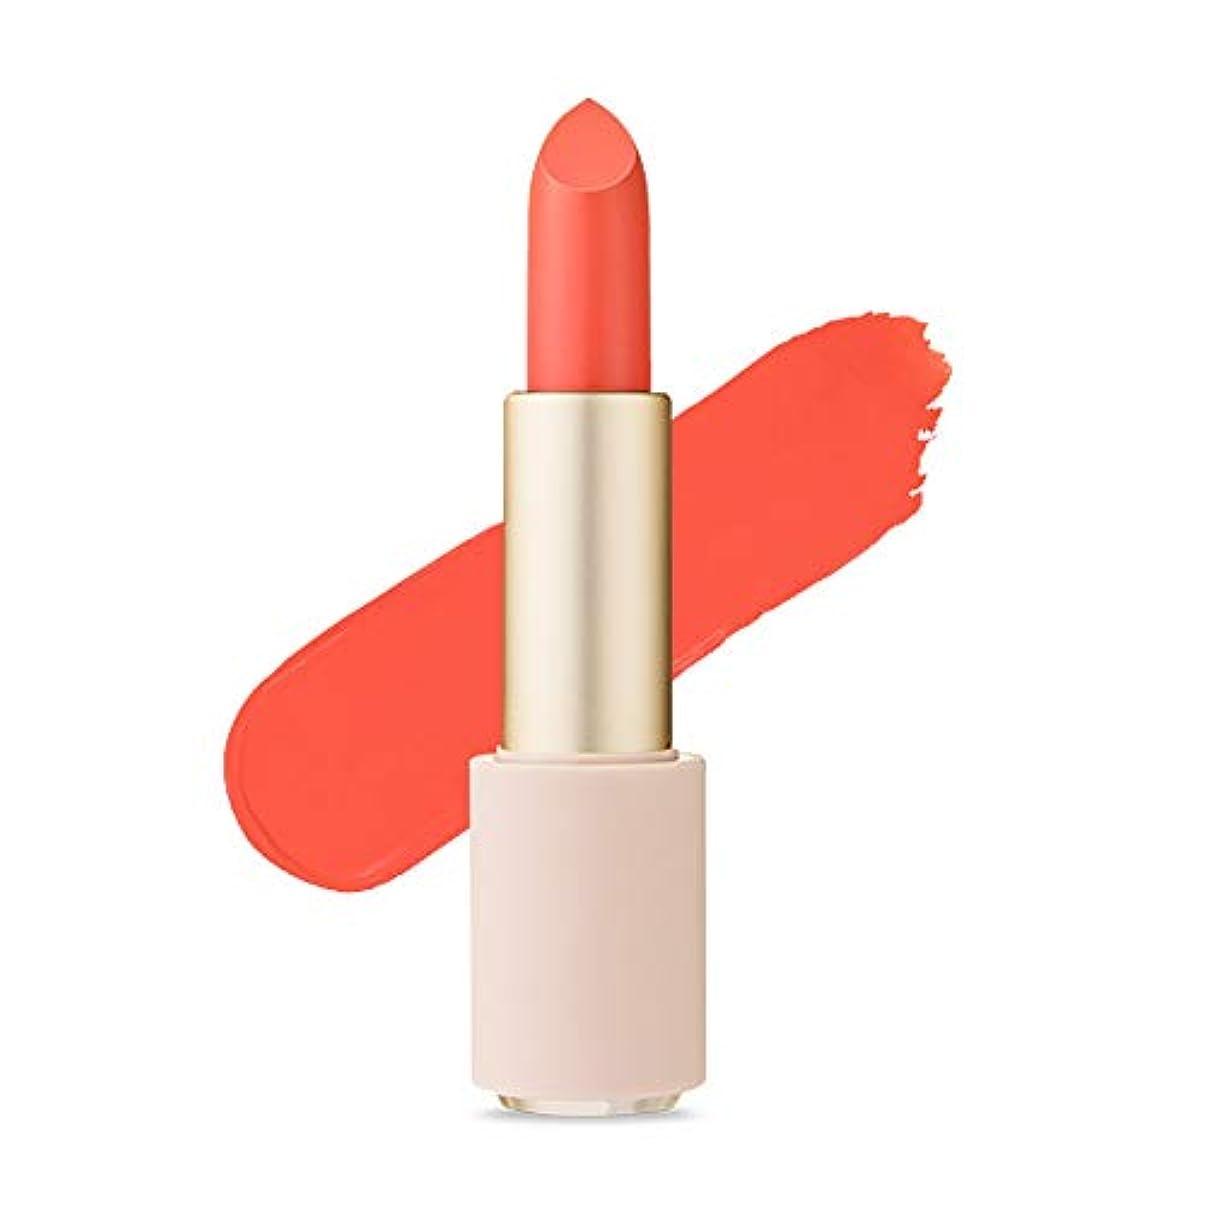 呼び起こす提案するシーンEtude House Better Lips Talk Velvet エチュードハウス ベター リップス - トーク ベルベット (# OR202 Mandarin Peach) [並行輸入品]